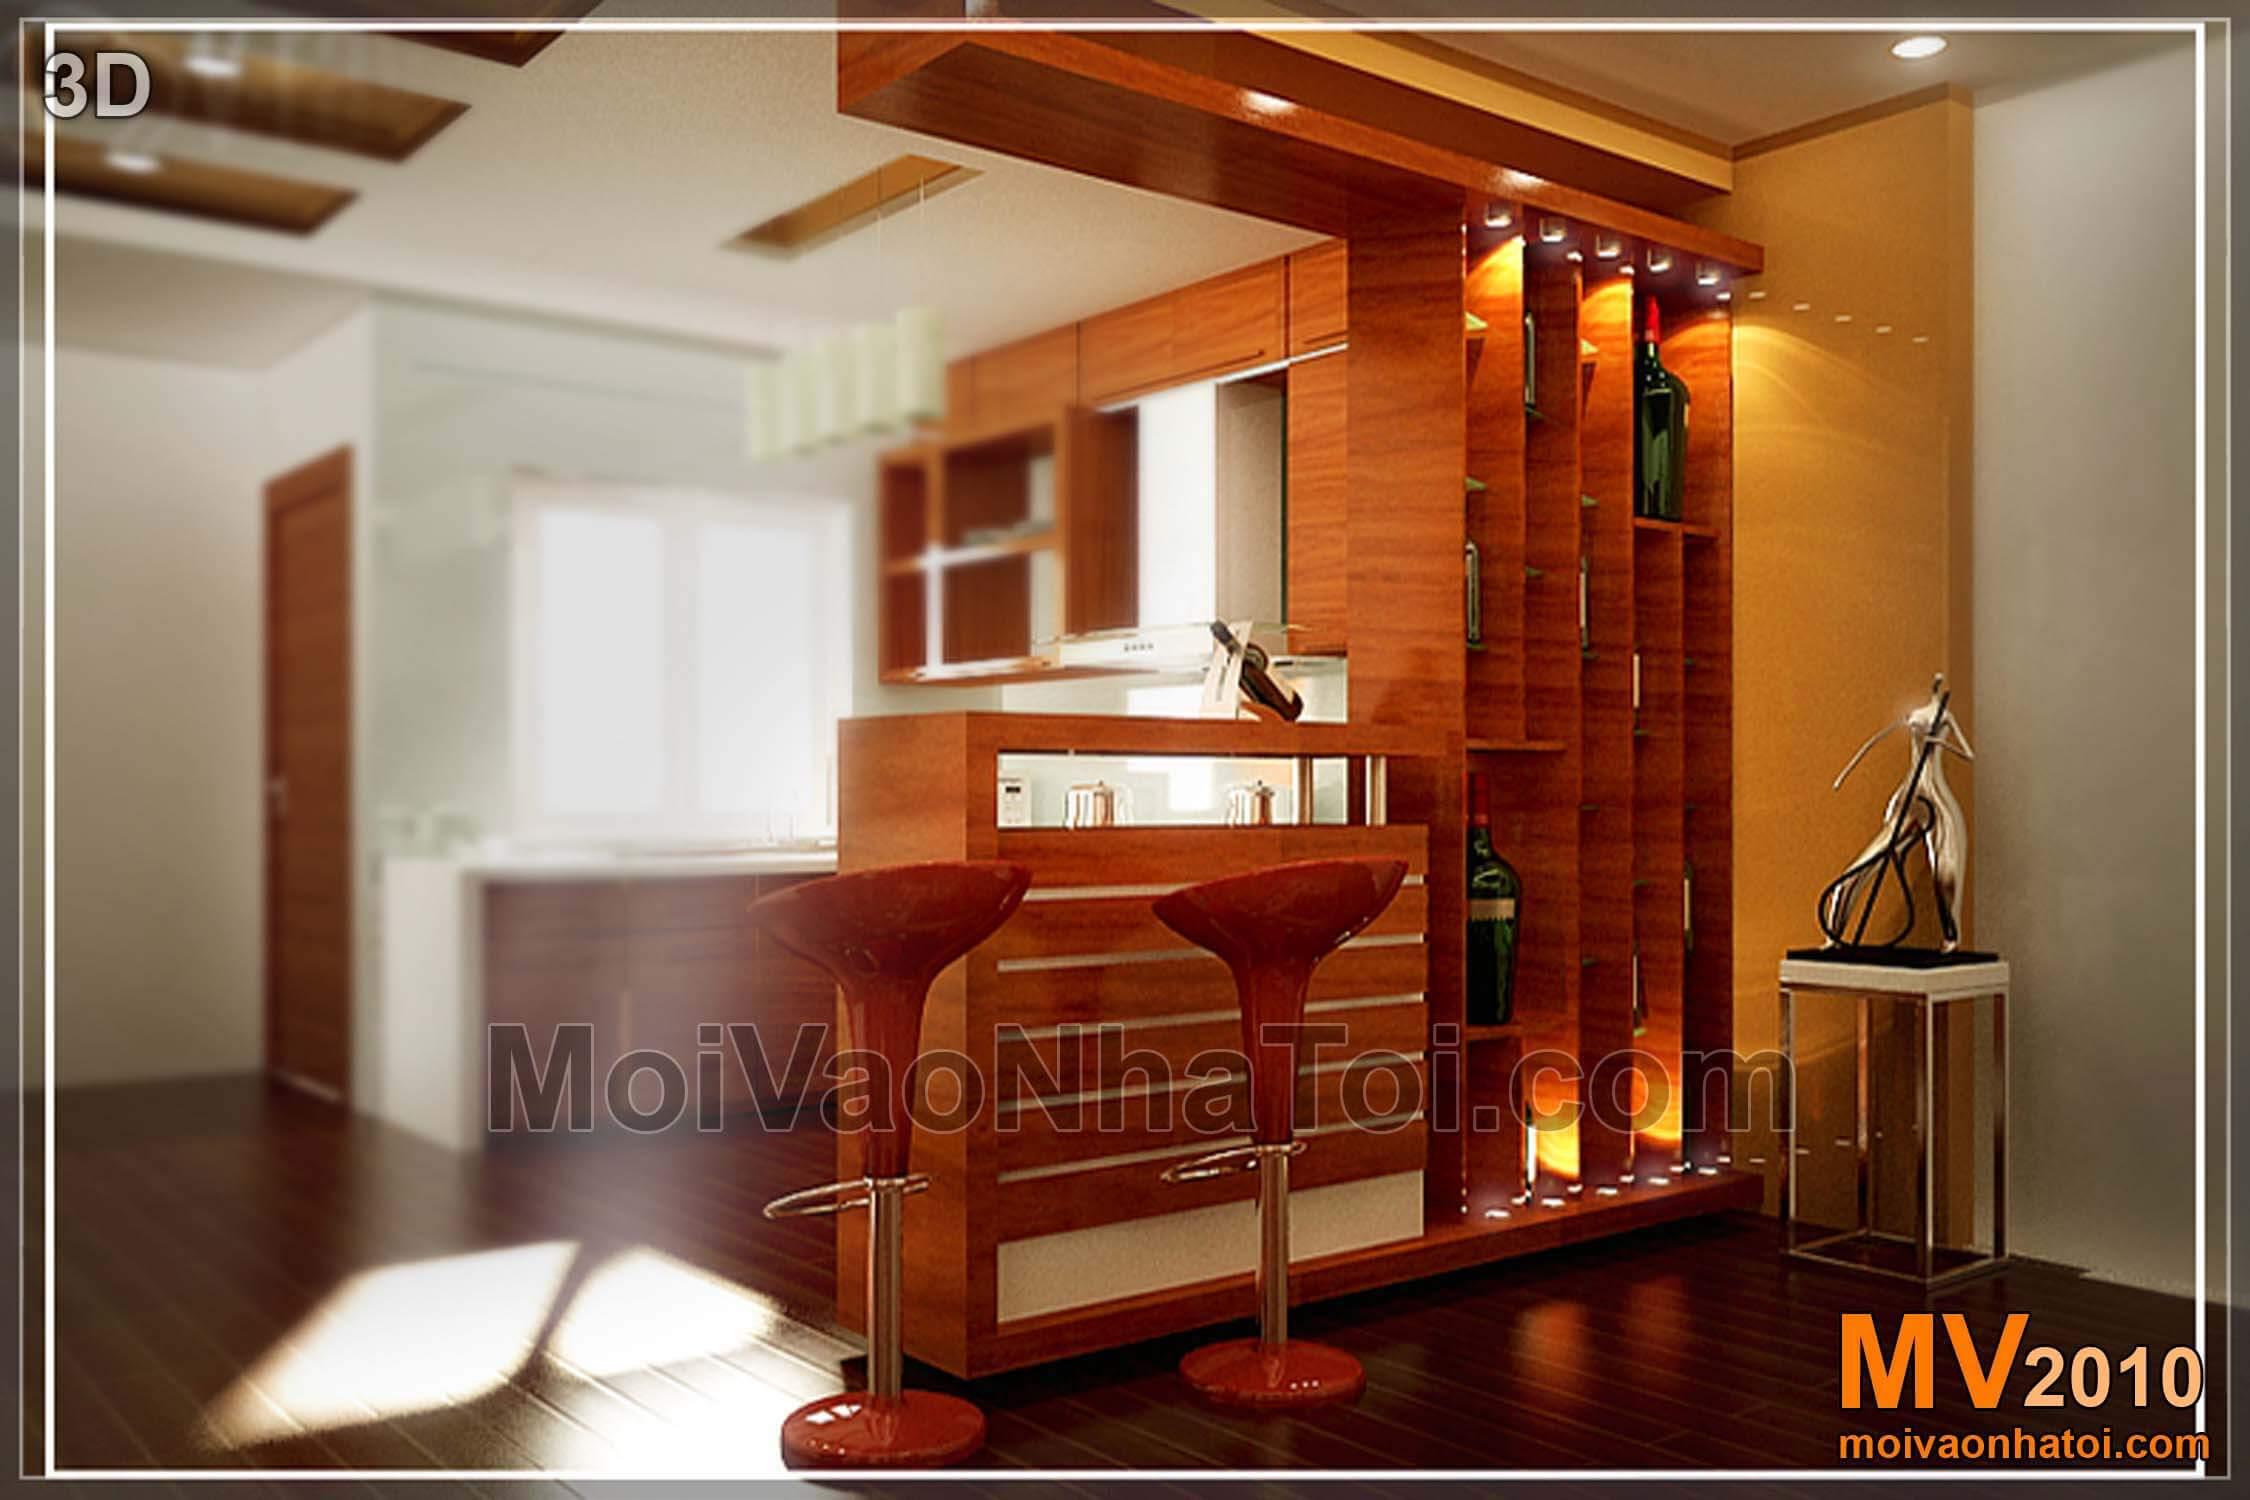 Tủ rượu trang trí phòng khách - Bản vẽ